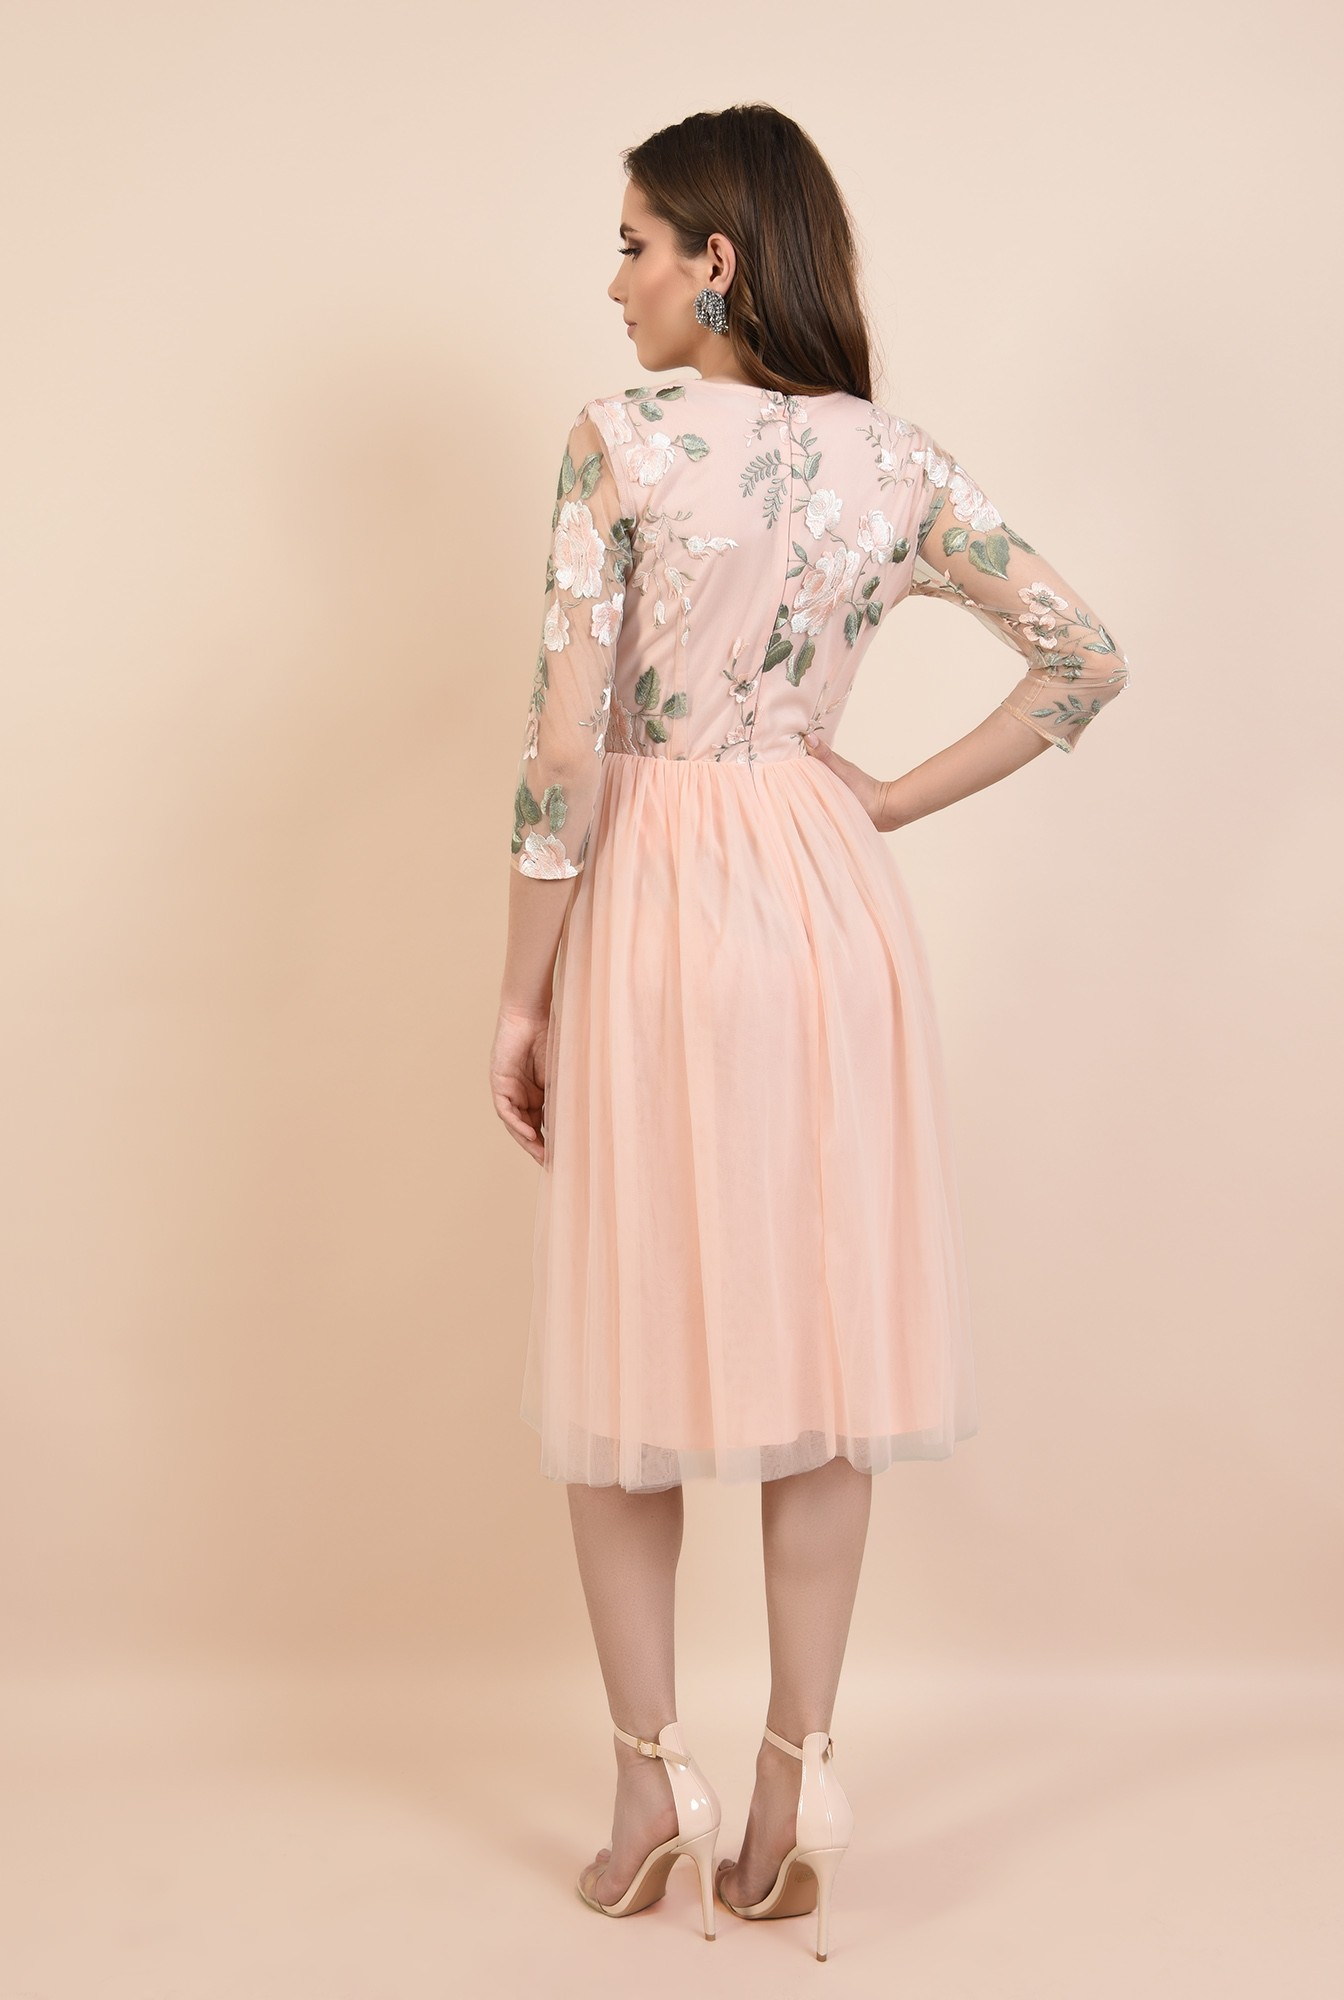 1 - rochie de seara, roz, din tul, broderie florala, croi evazat